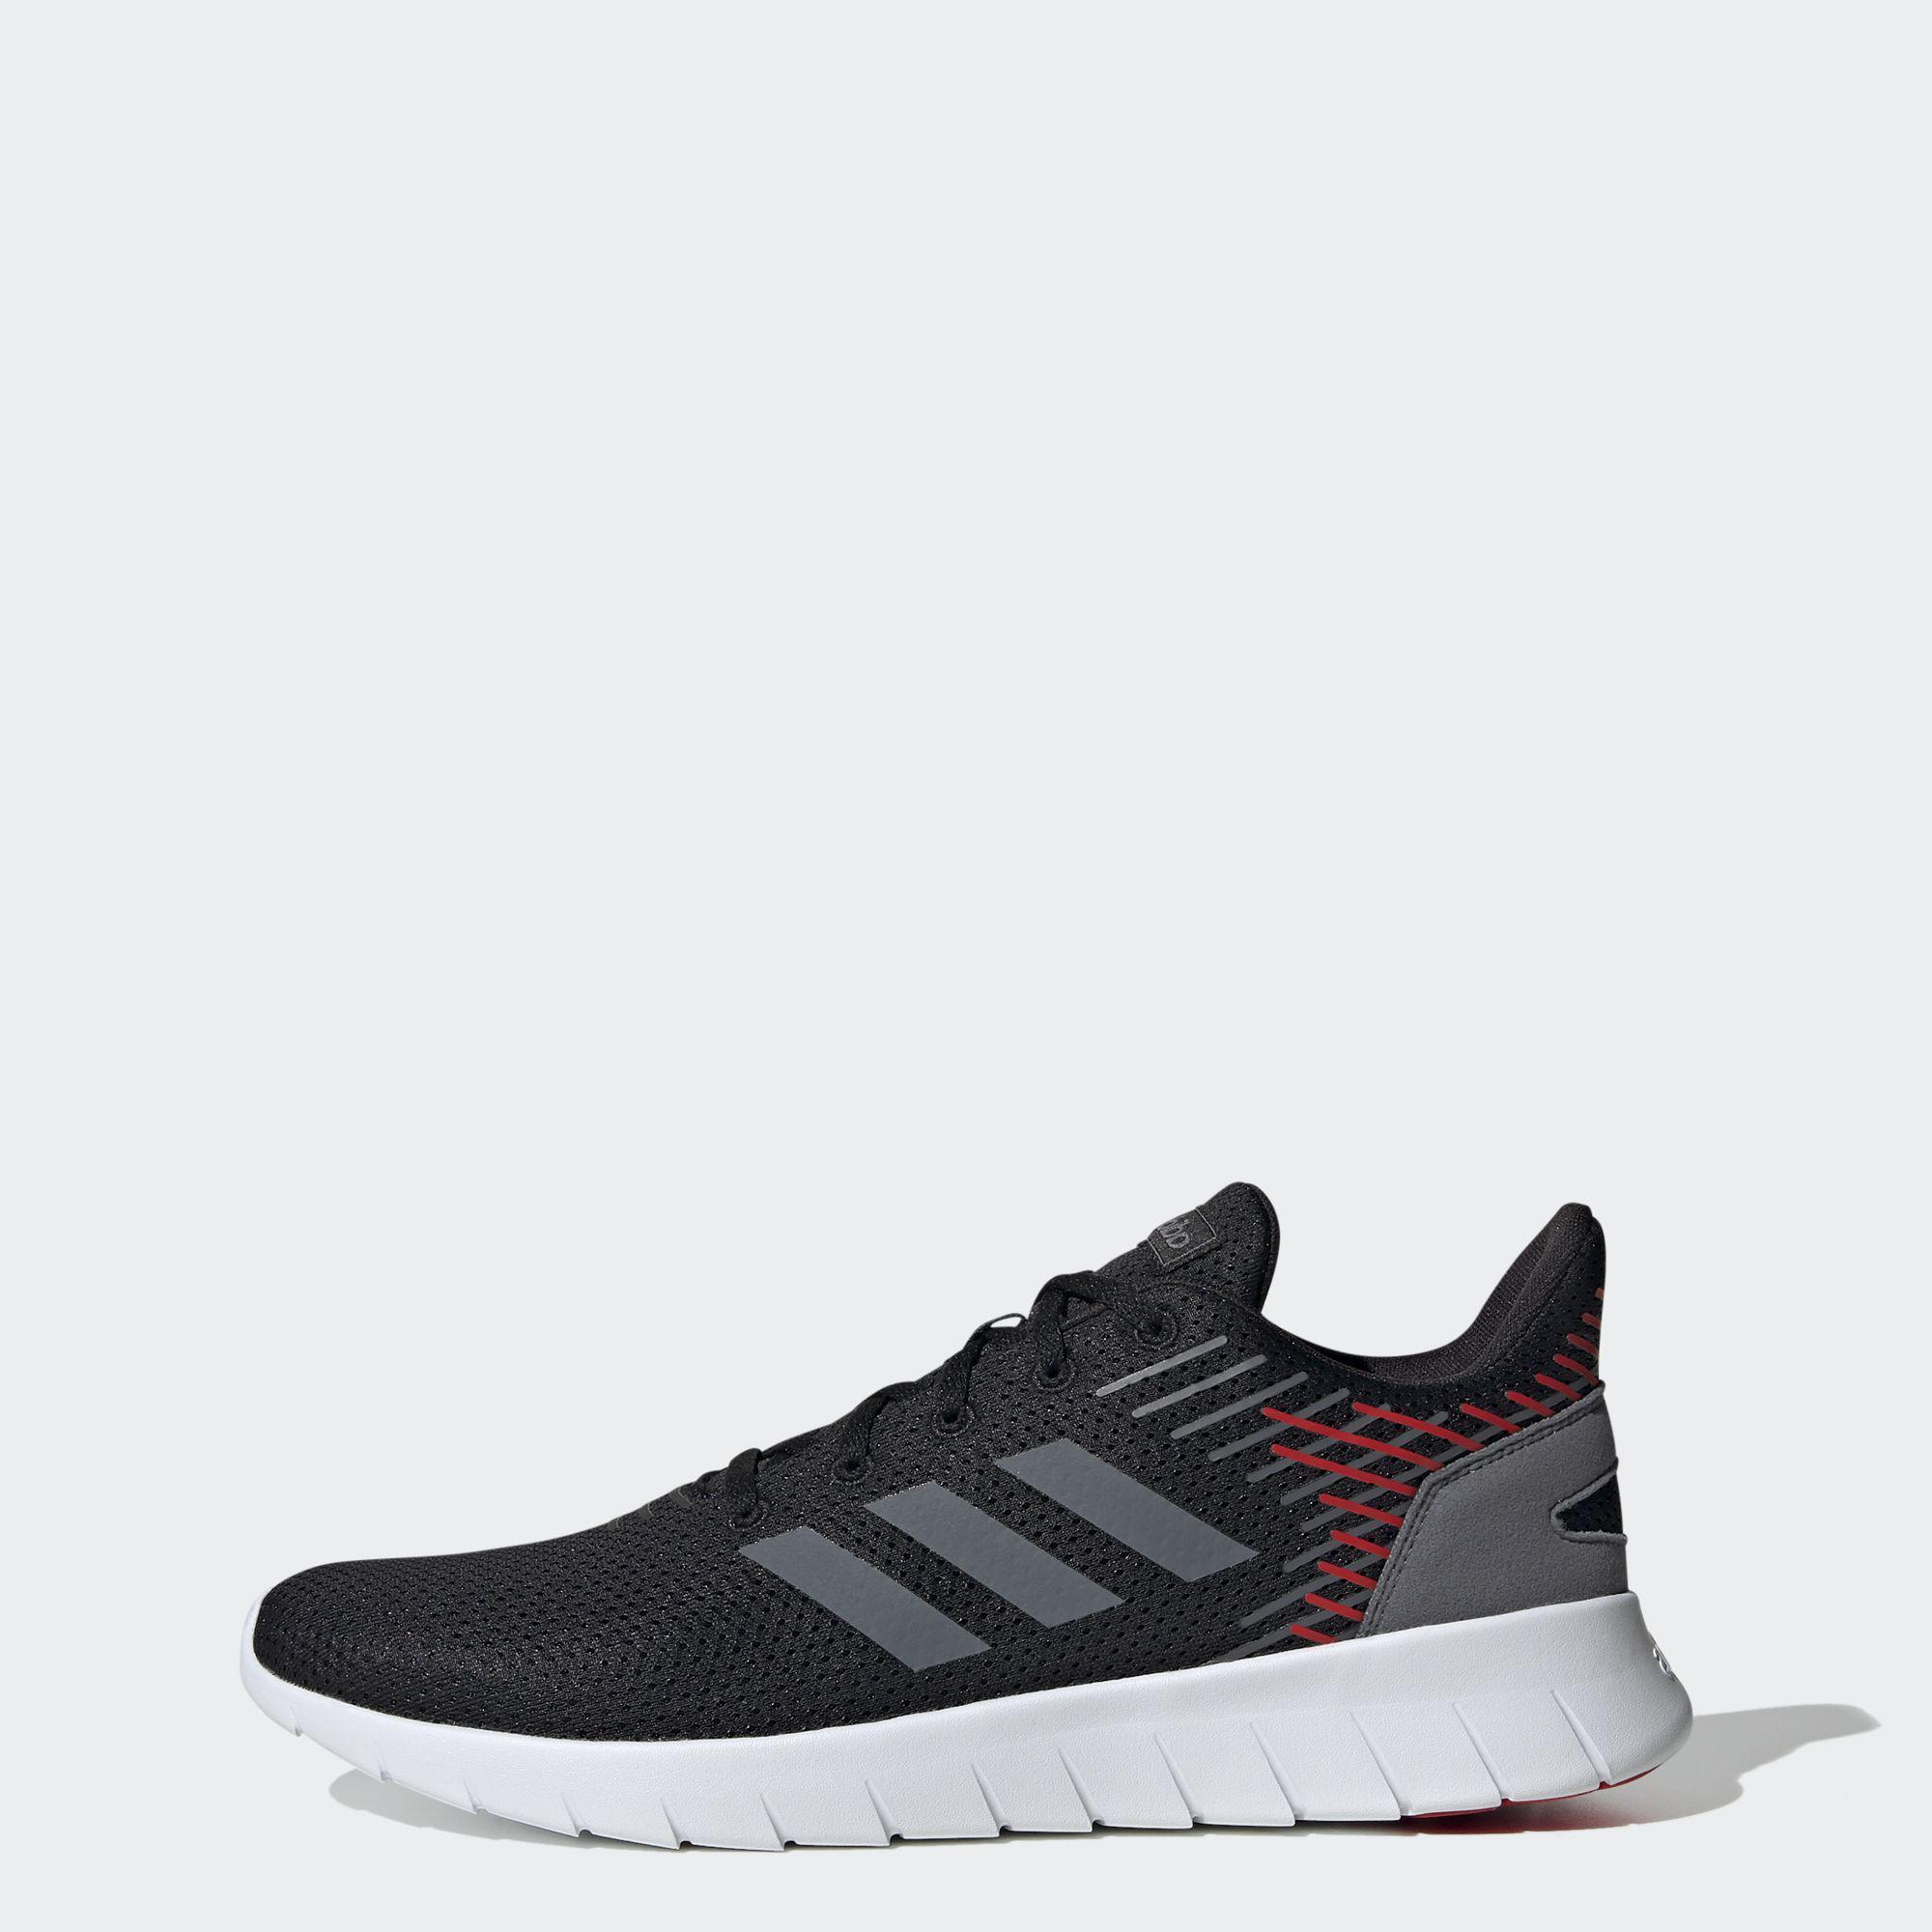 Mã Ưu Đãi Khi Mua Adidas RUNNING Giày Asweerun Nam Màu đen EG3172